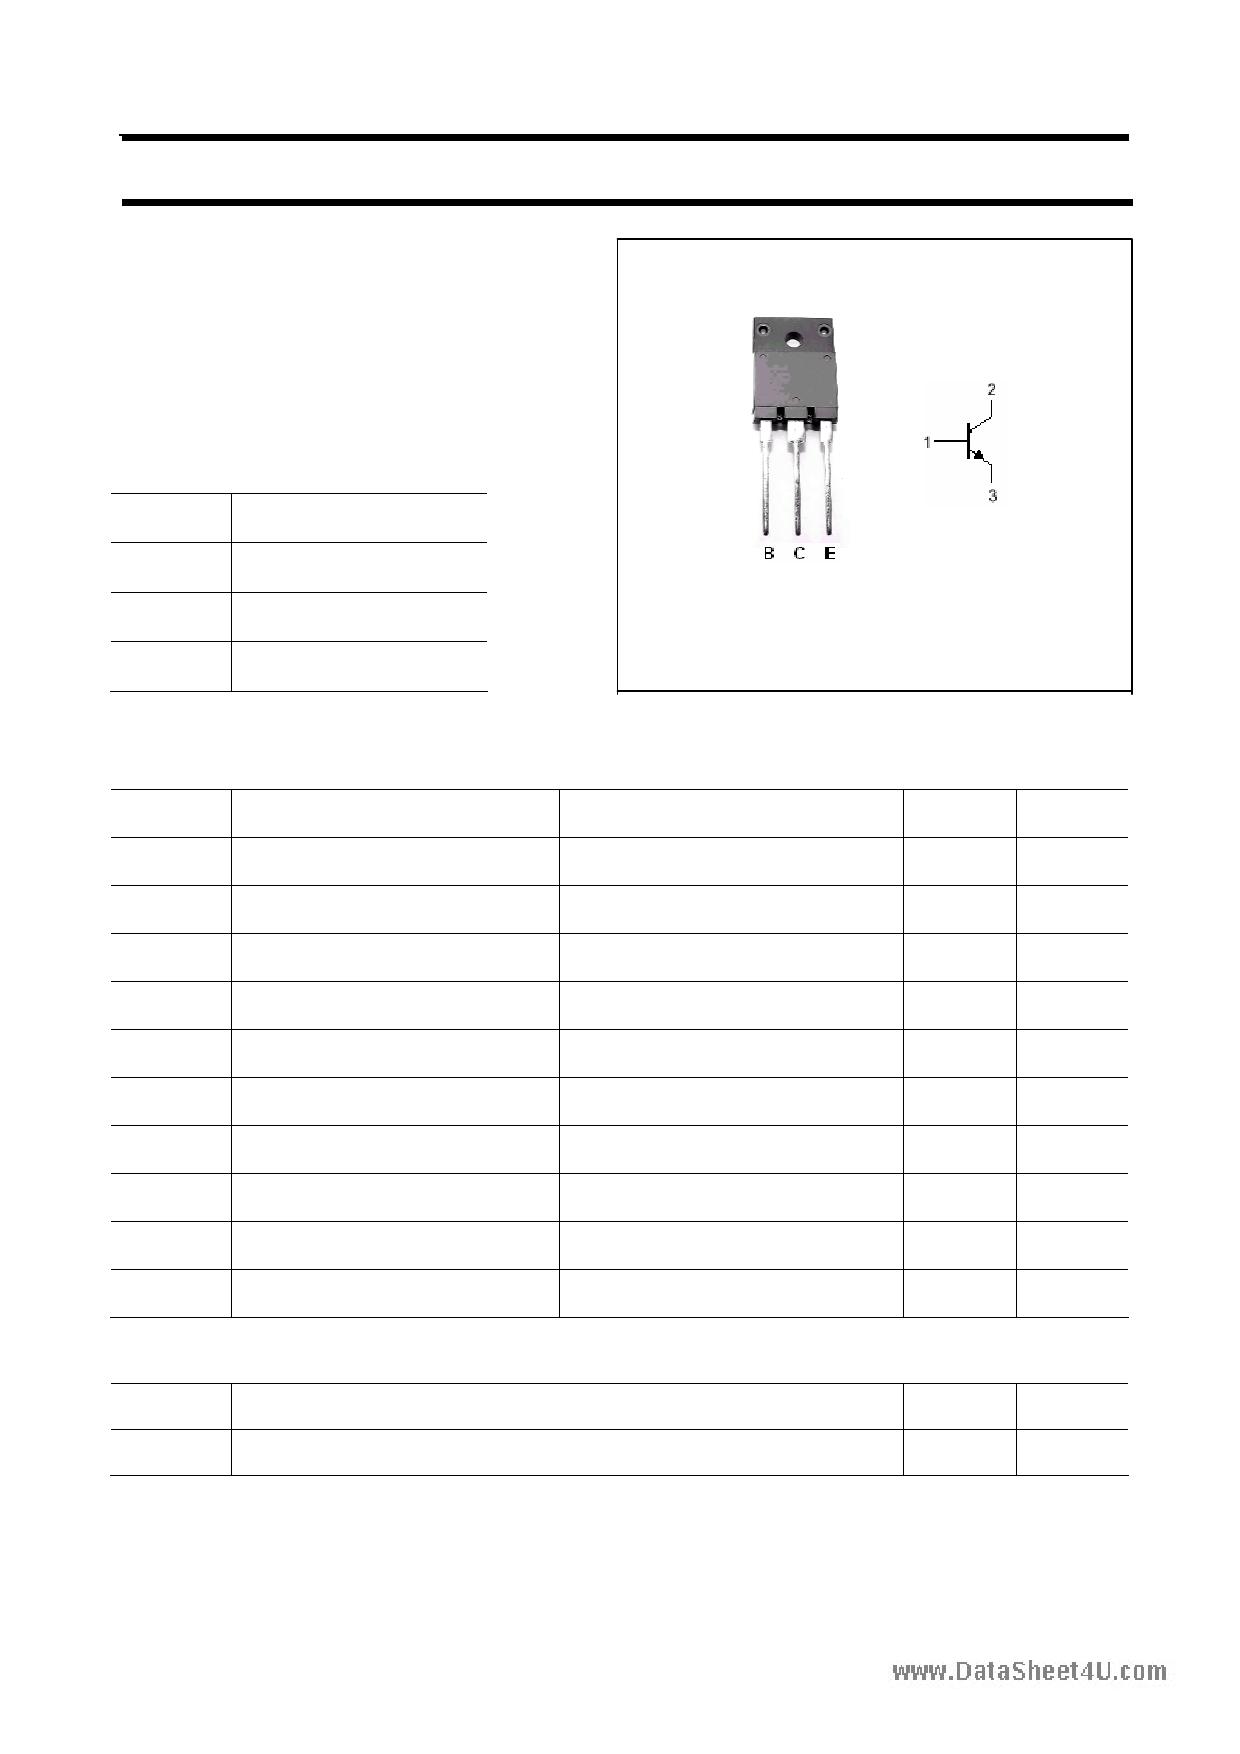 C4581 datasheet, circuit